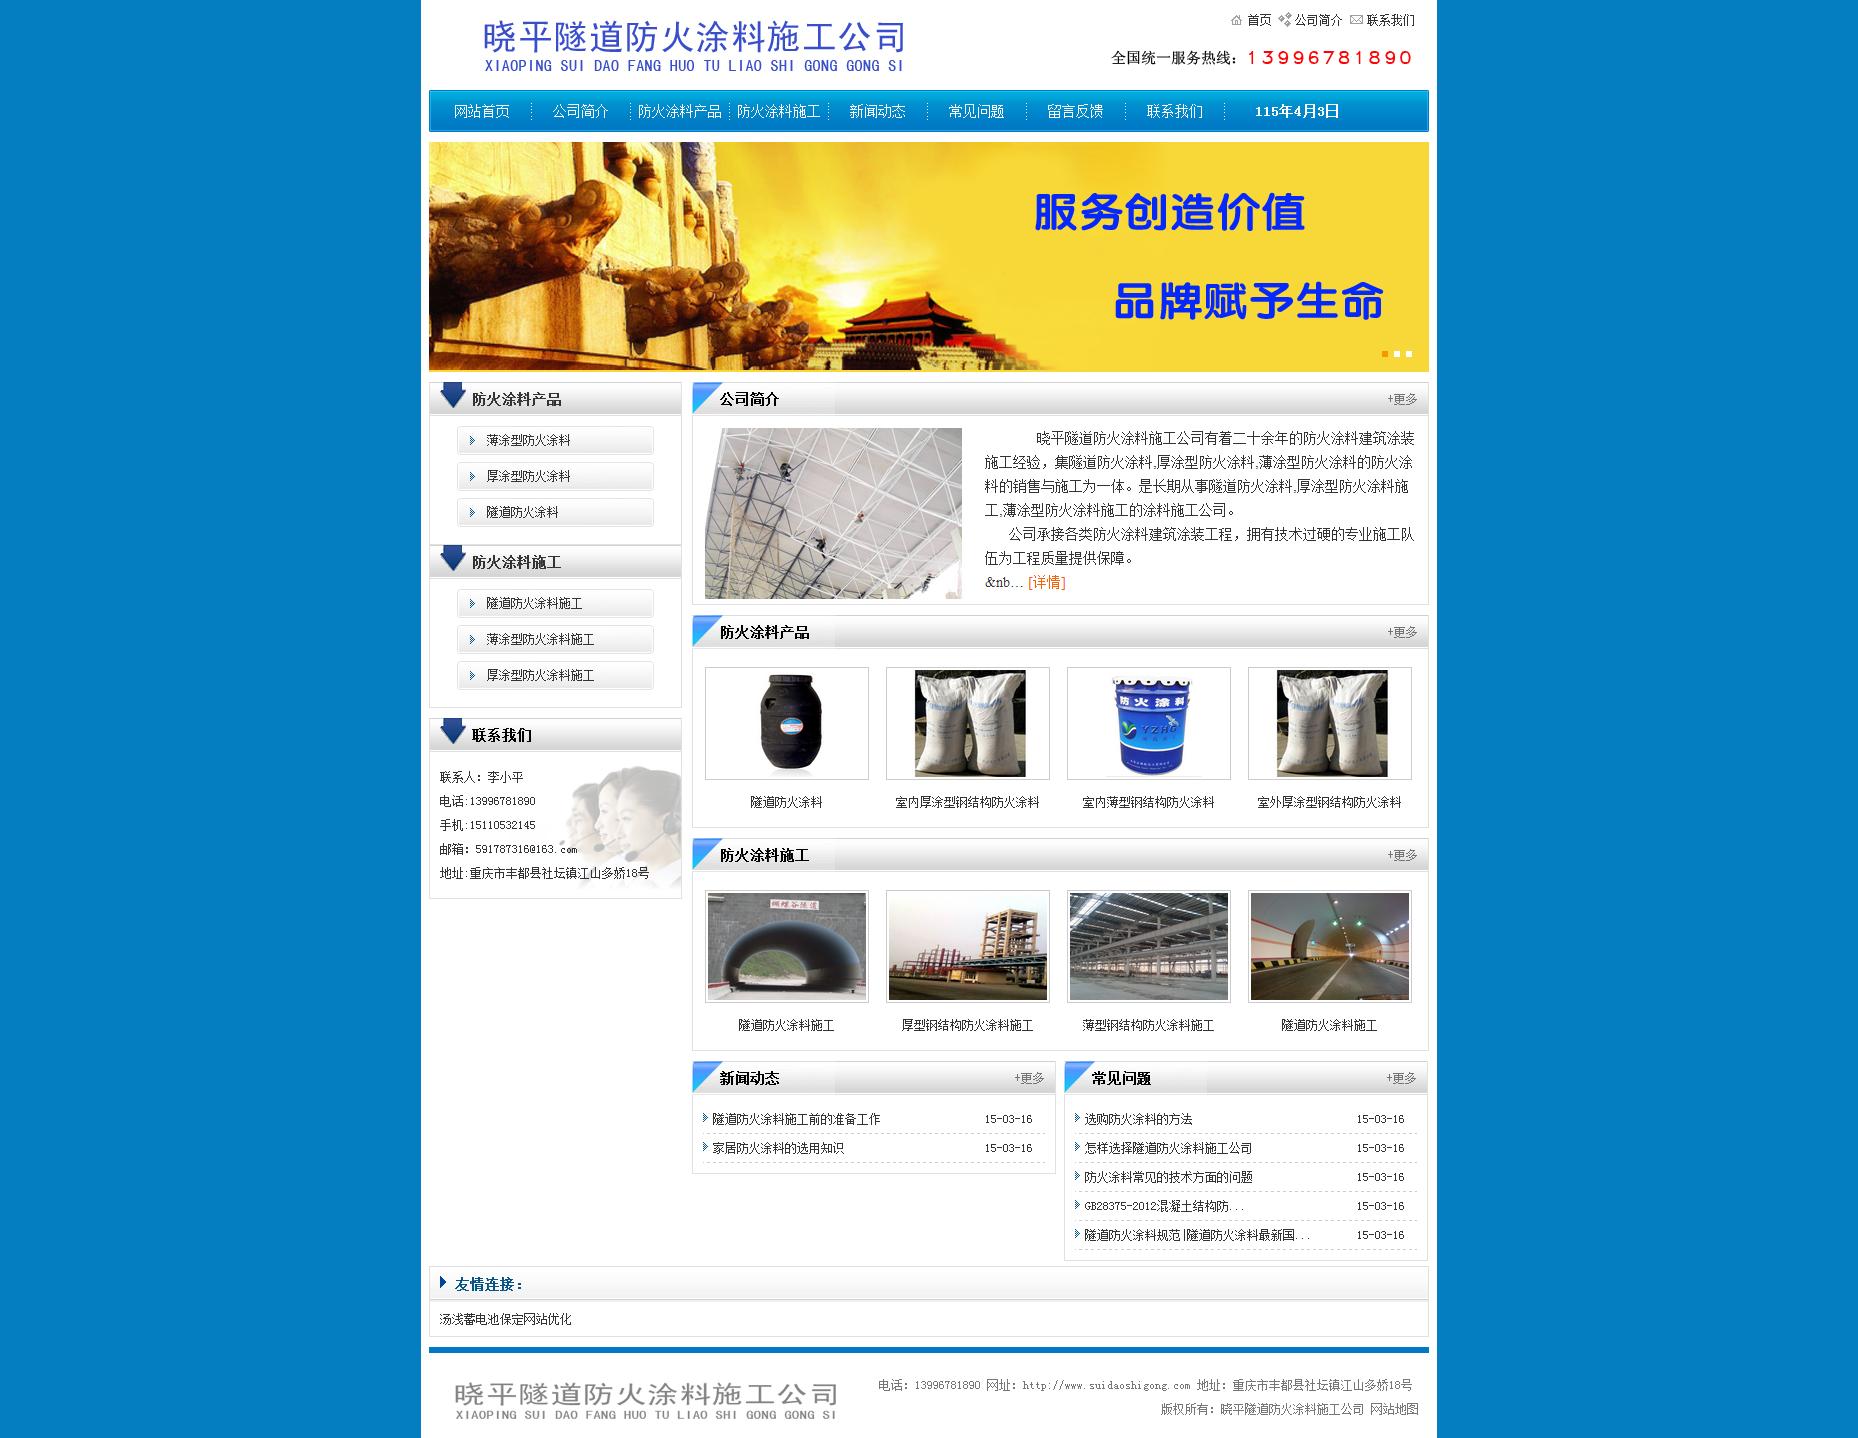 李平隧道防火涂料网站建设案例